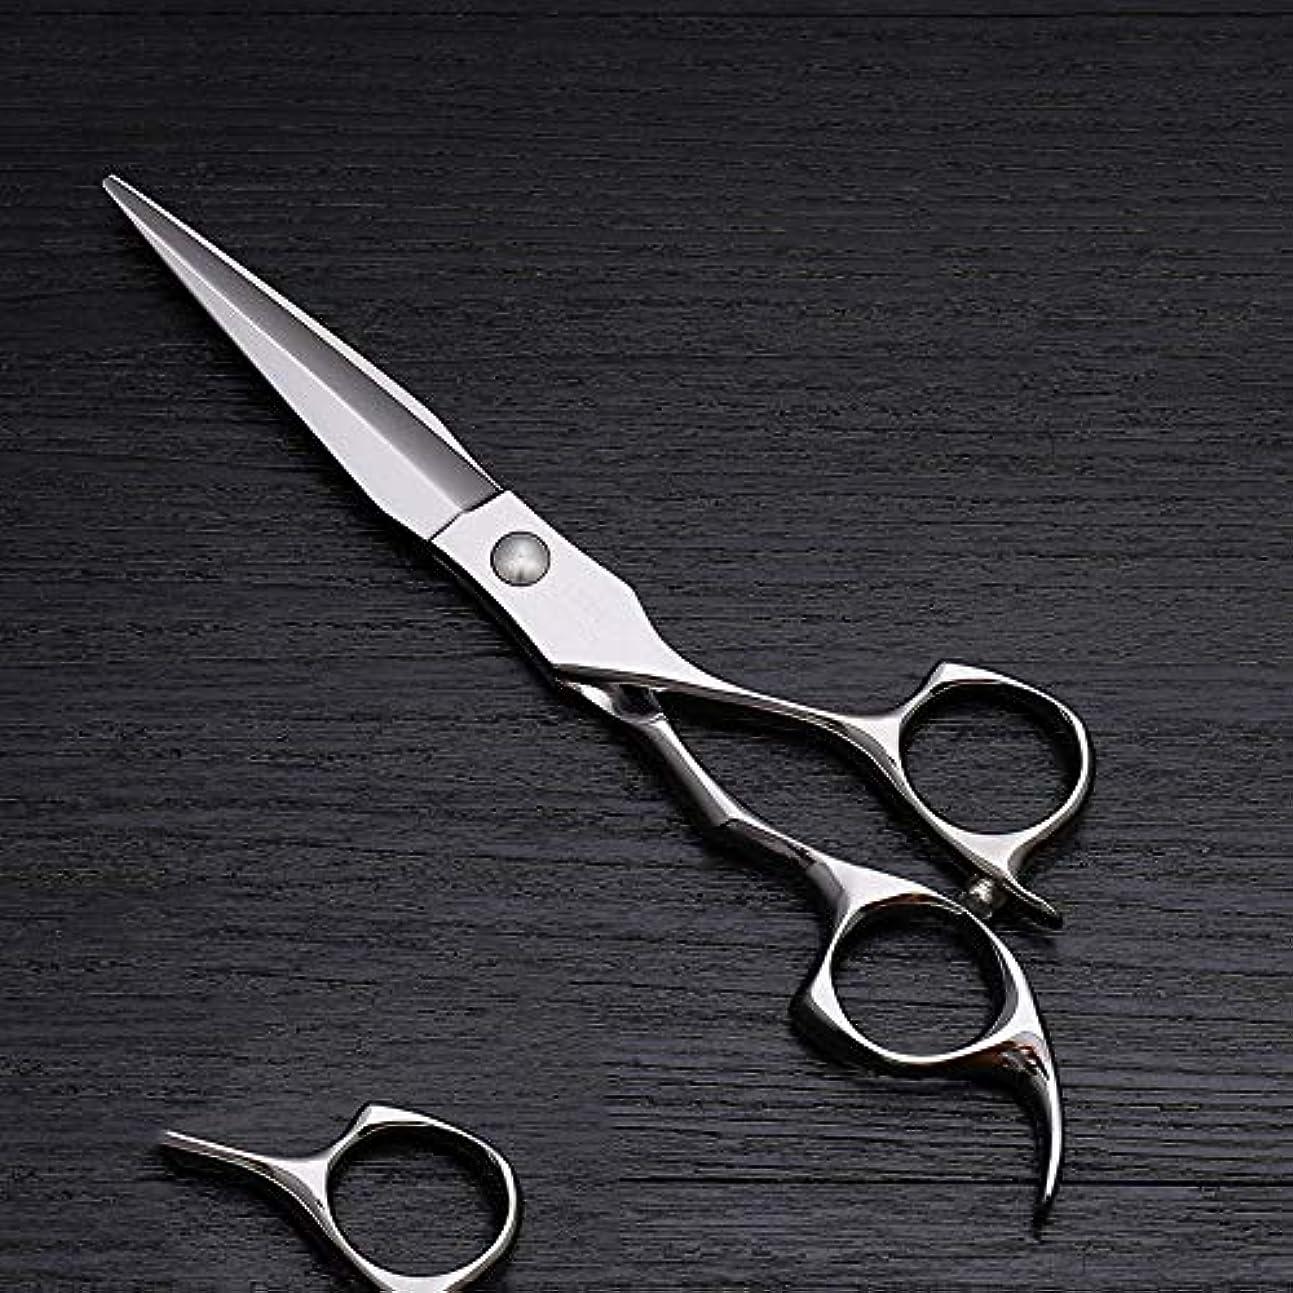 豆腐費やす舌6インチハイエンドステンレススチール理髪はさみツール、美容院特別理髪フラットせん断ツール モデリングツール (色 : Silver)